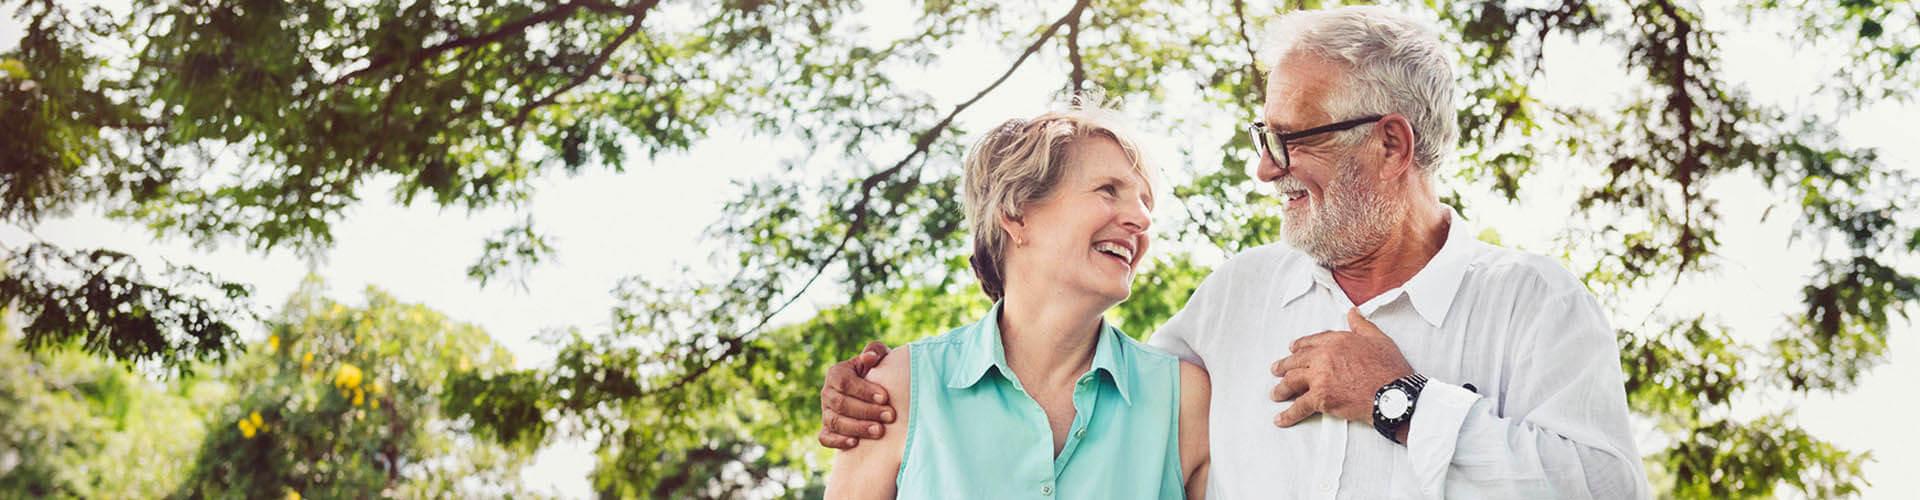 Ein älteres Ehepaar geht im Wald spazieren